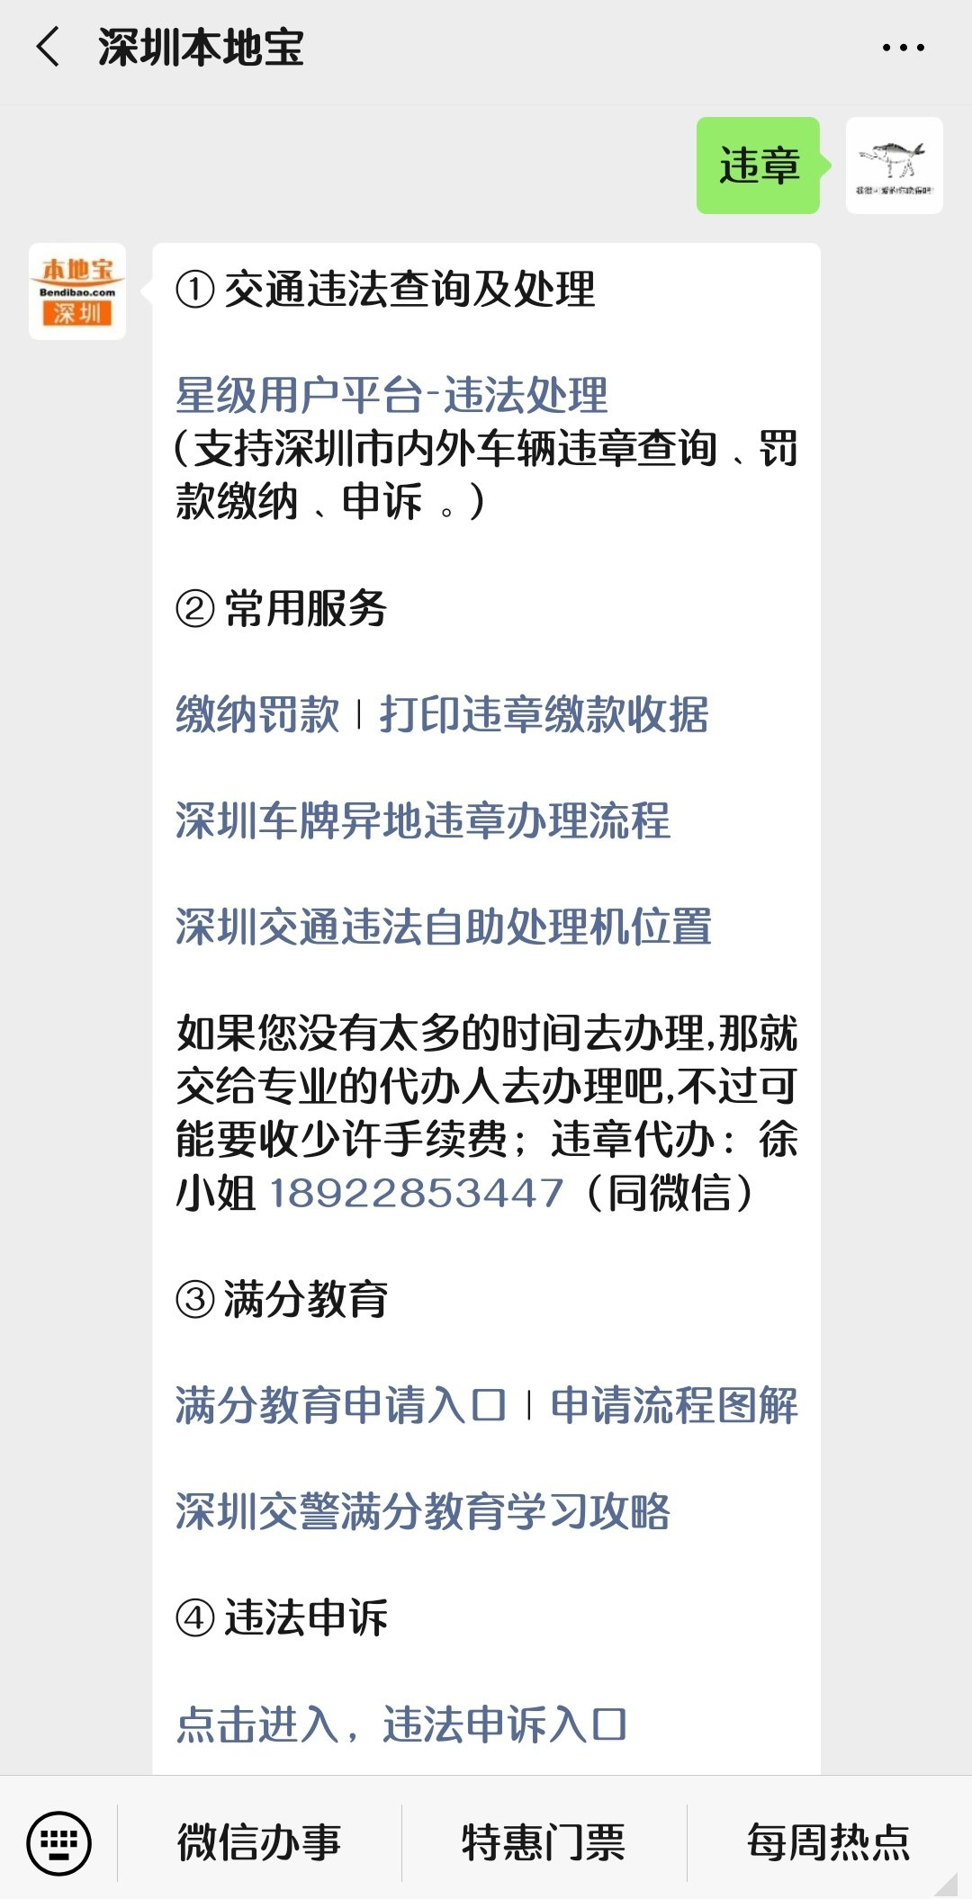 深圳��幼孕熊�整治行�娱_始 �雷ジ黝��`法行��